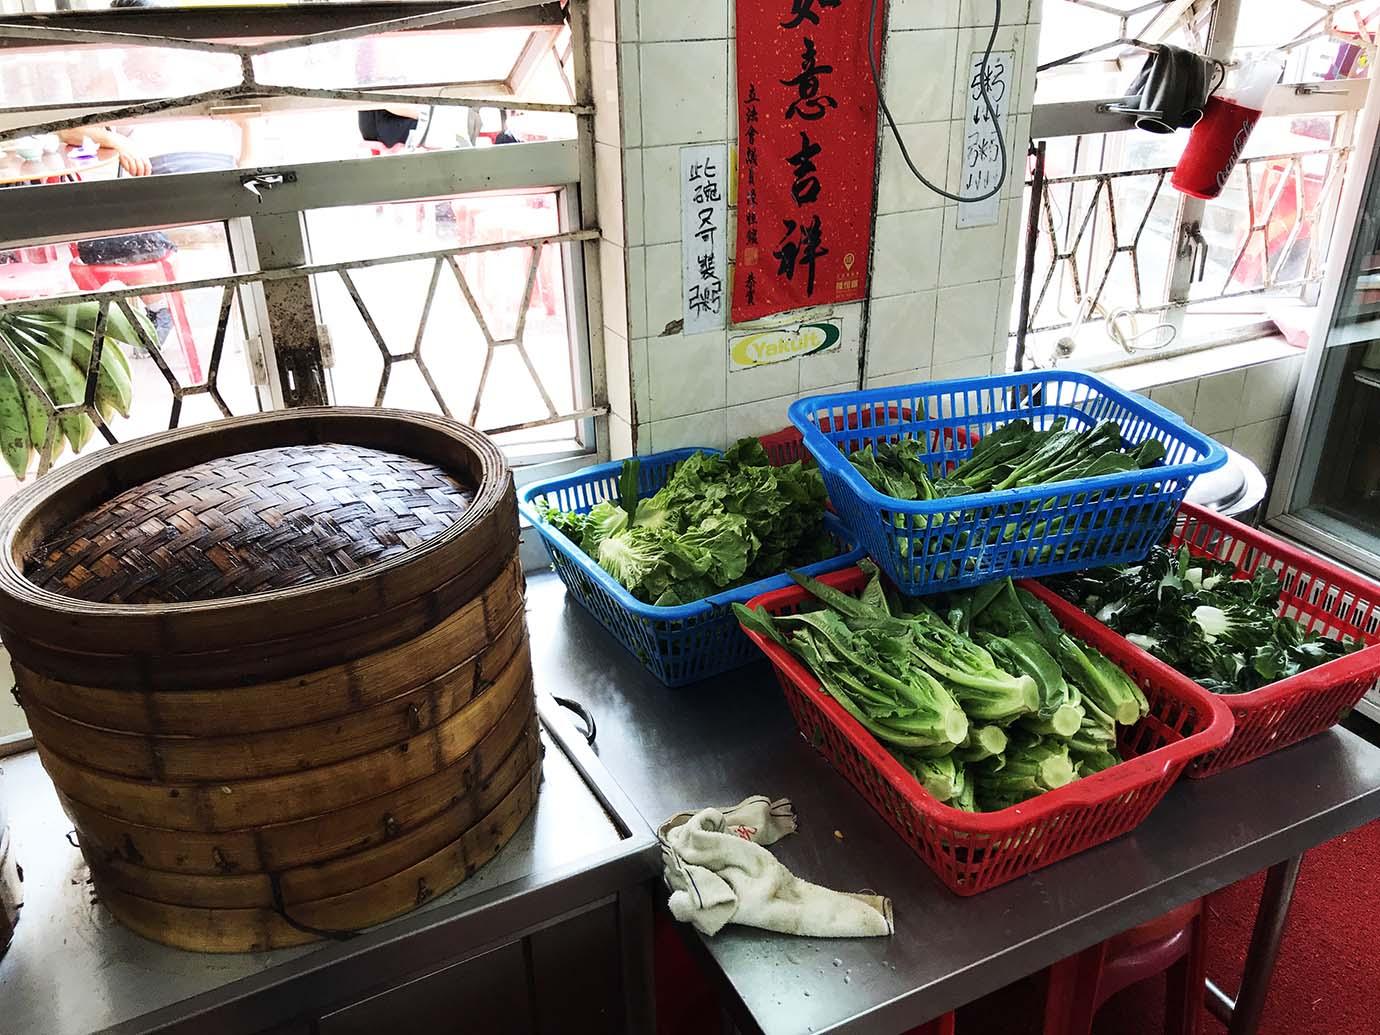 hongkong-duanji-tea-house12